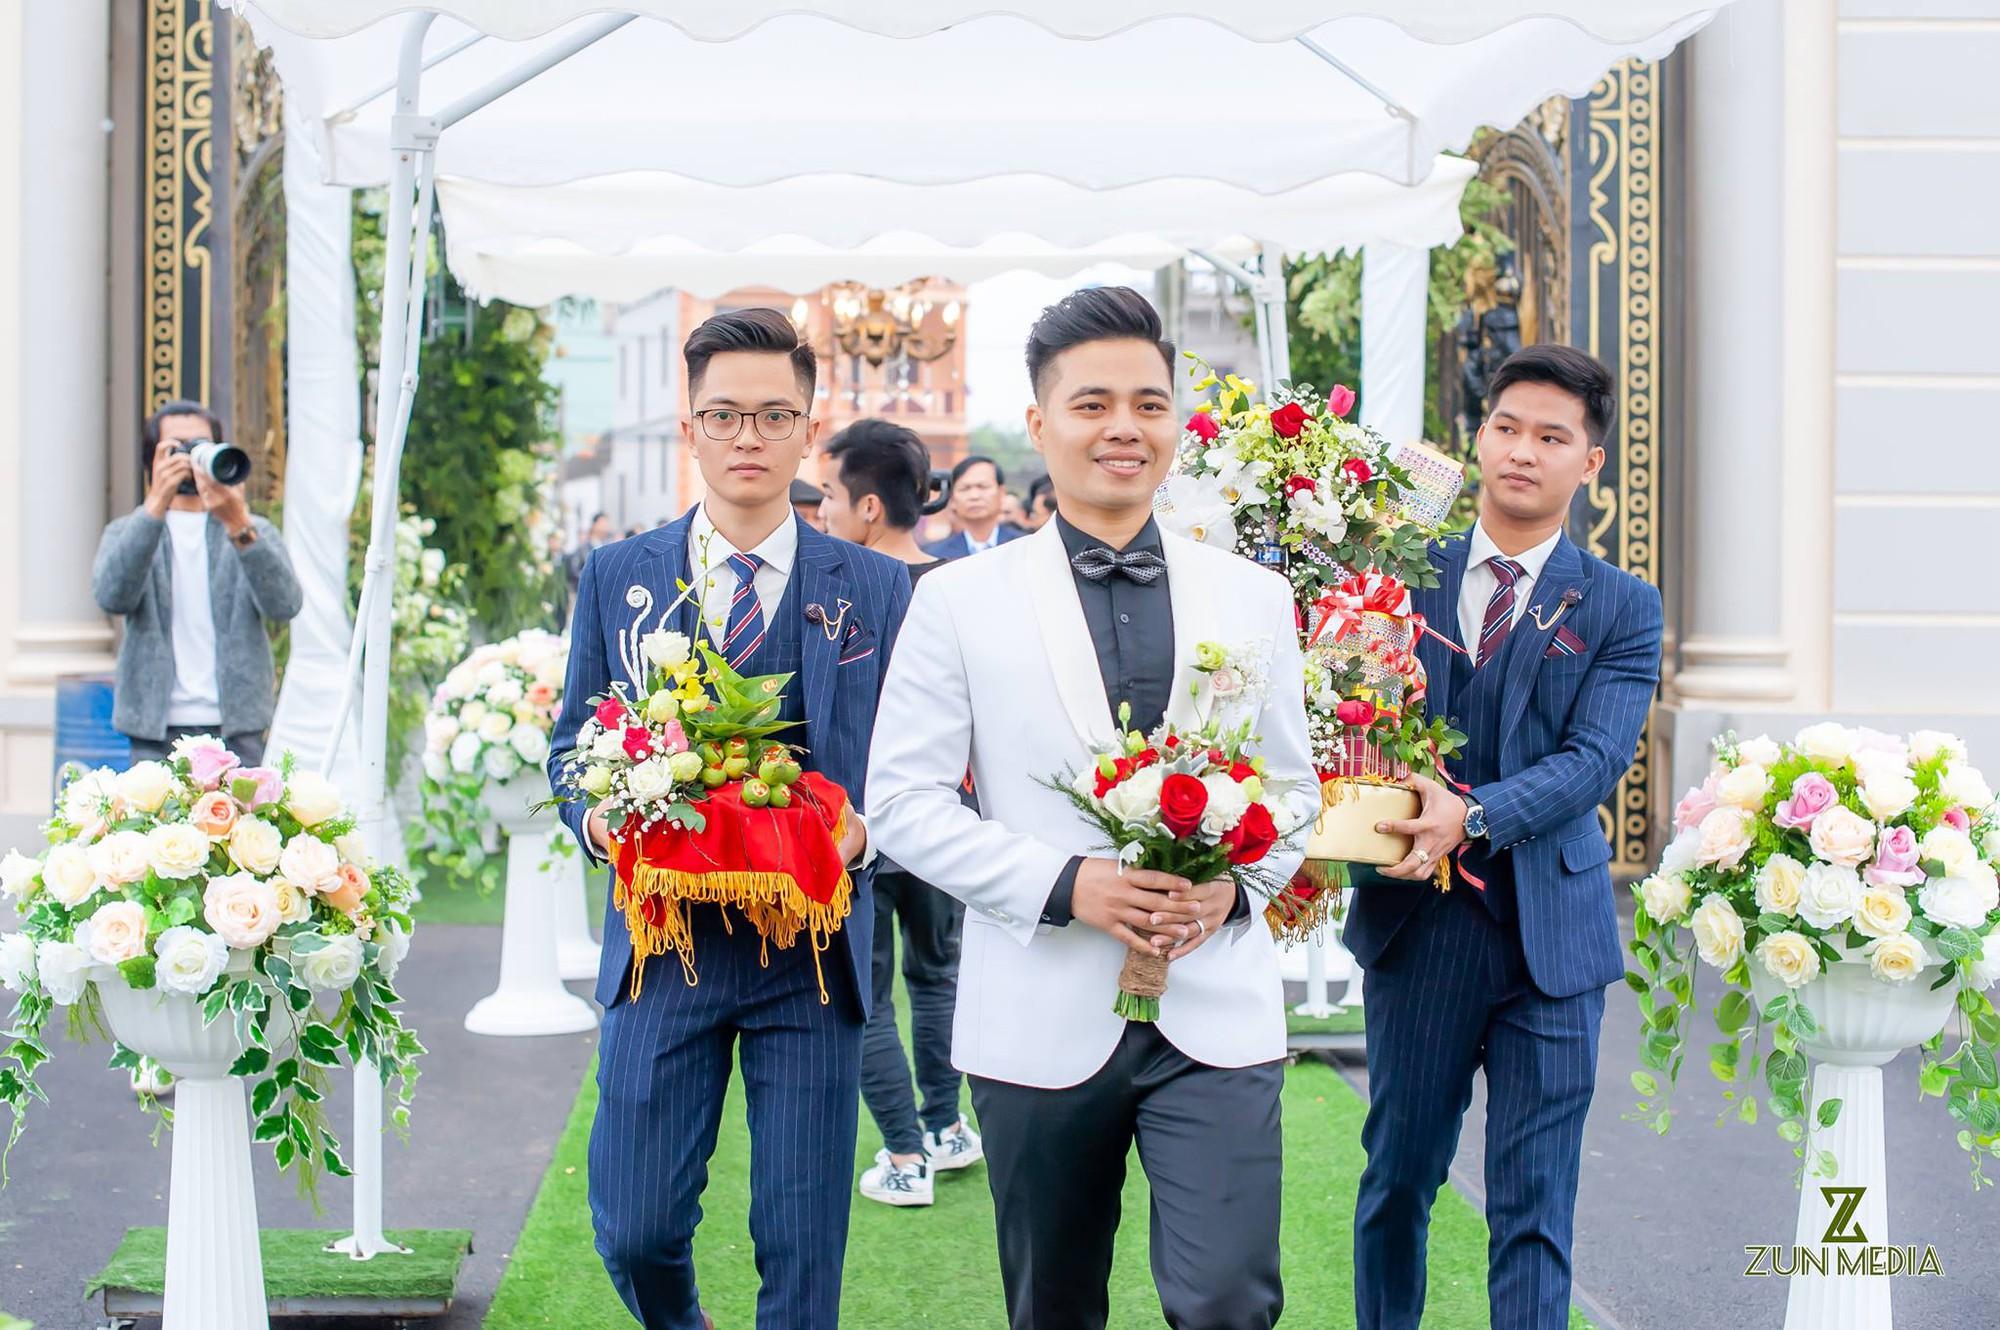 Bộ ảnh cưới đẹp như mơ cùng gia thế khủng của cô dâu vàng đeo trĩu cổ sống trong lâu đài 7 tầng ở Nam Định - Ảnh 5.